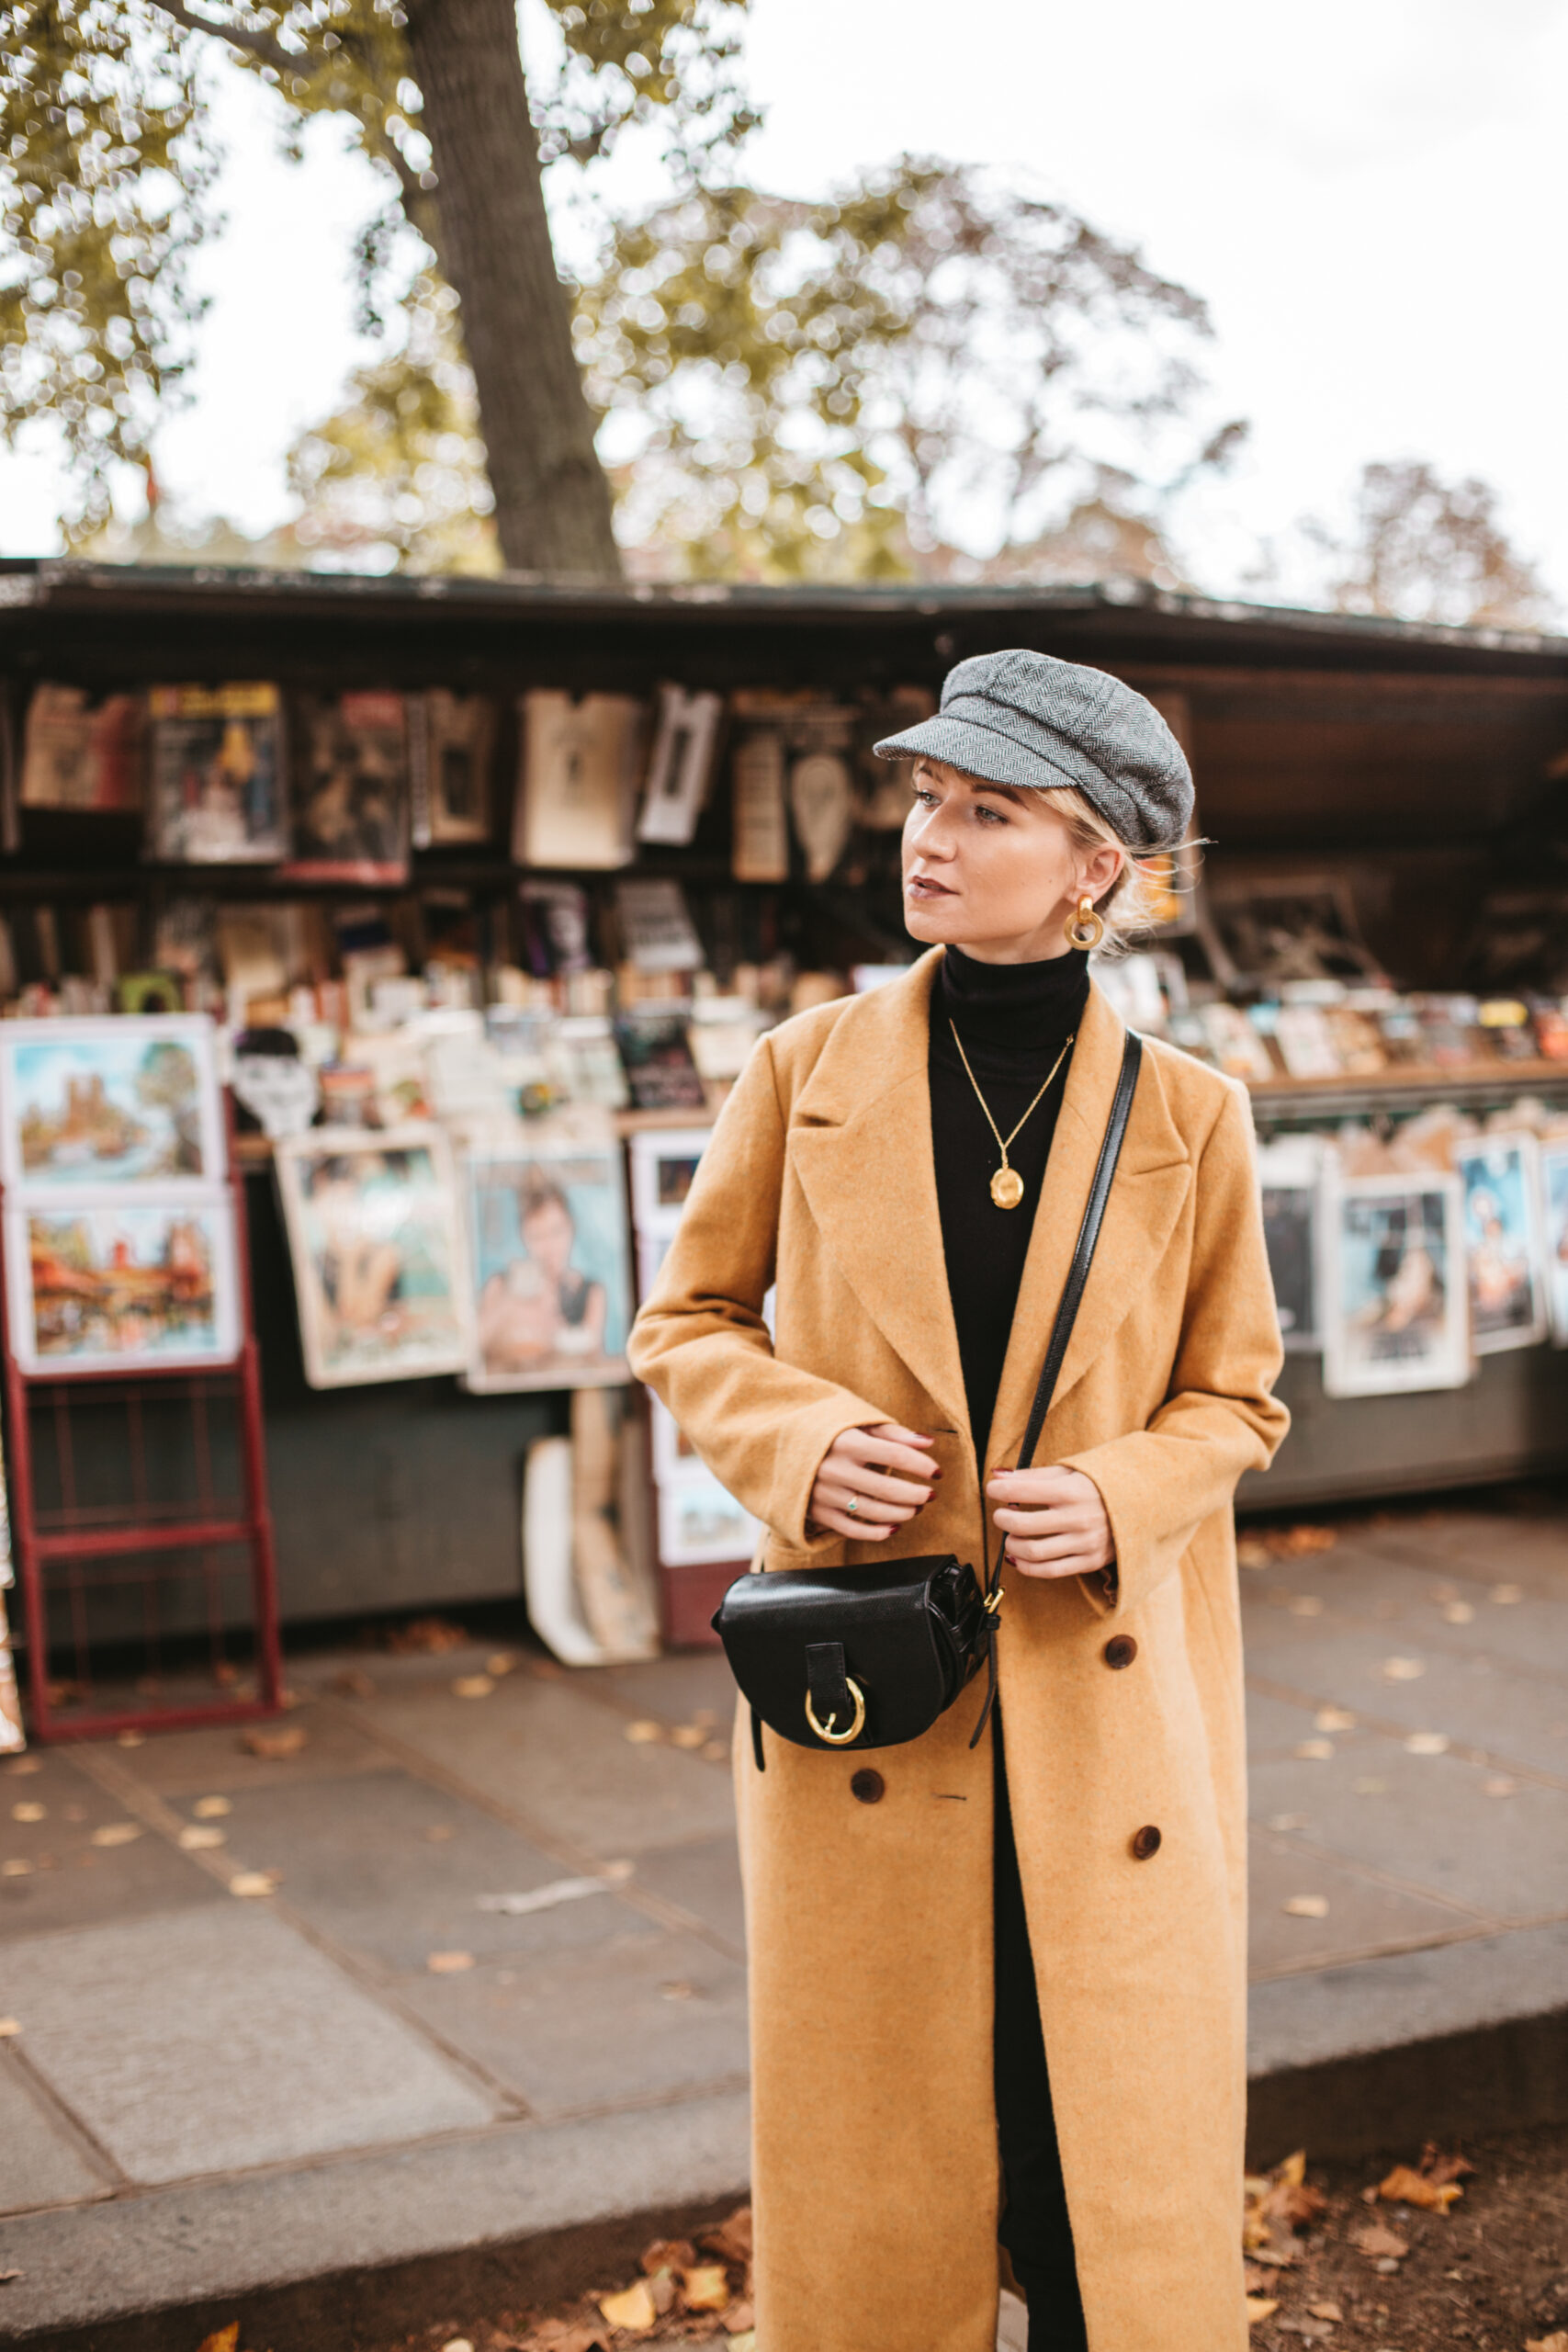 Księgarze nad Sekwaną, Bukiniści, Bouquinistes of Paris, Paryż, ciekawe miejsca w Paryżu, co zobaczyć w paryżu